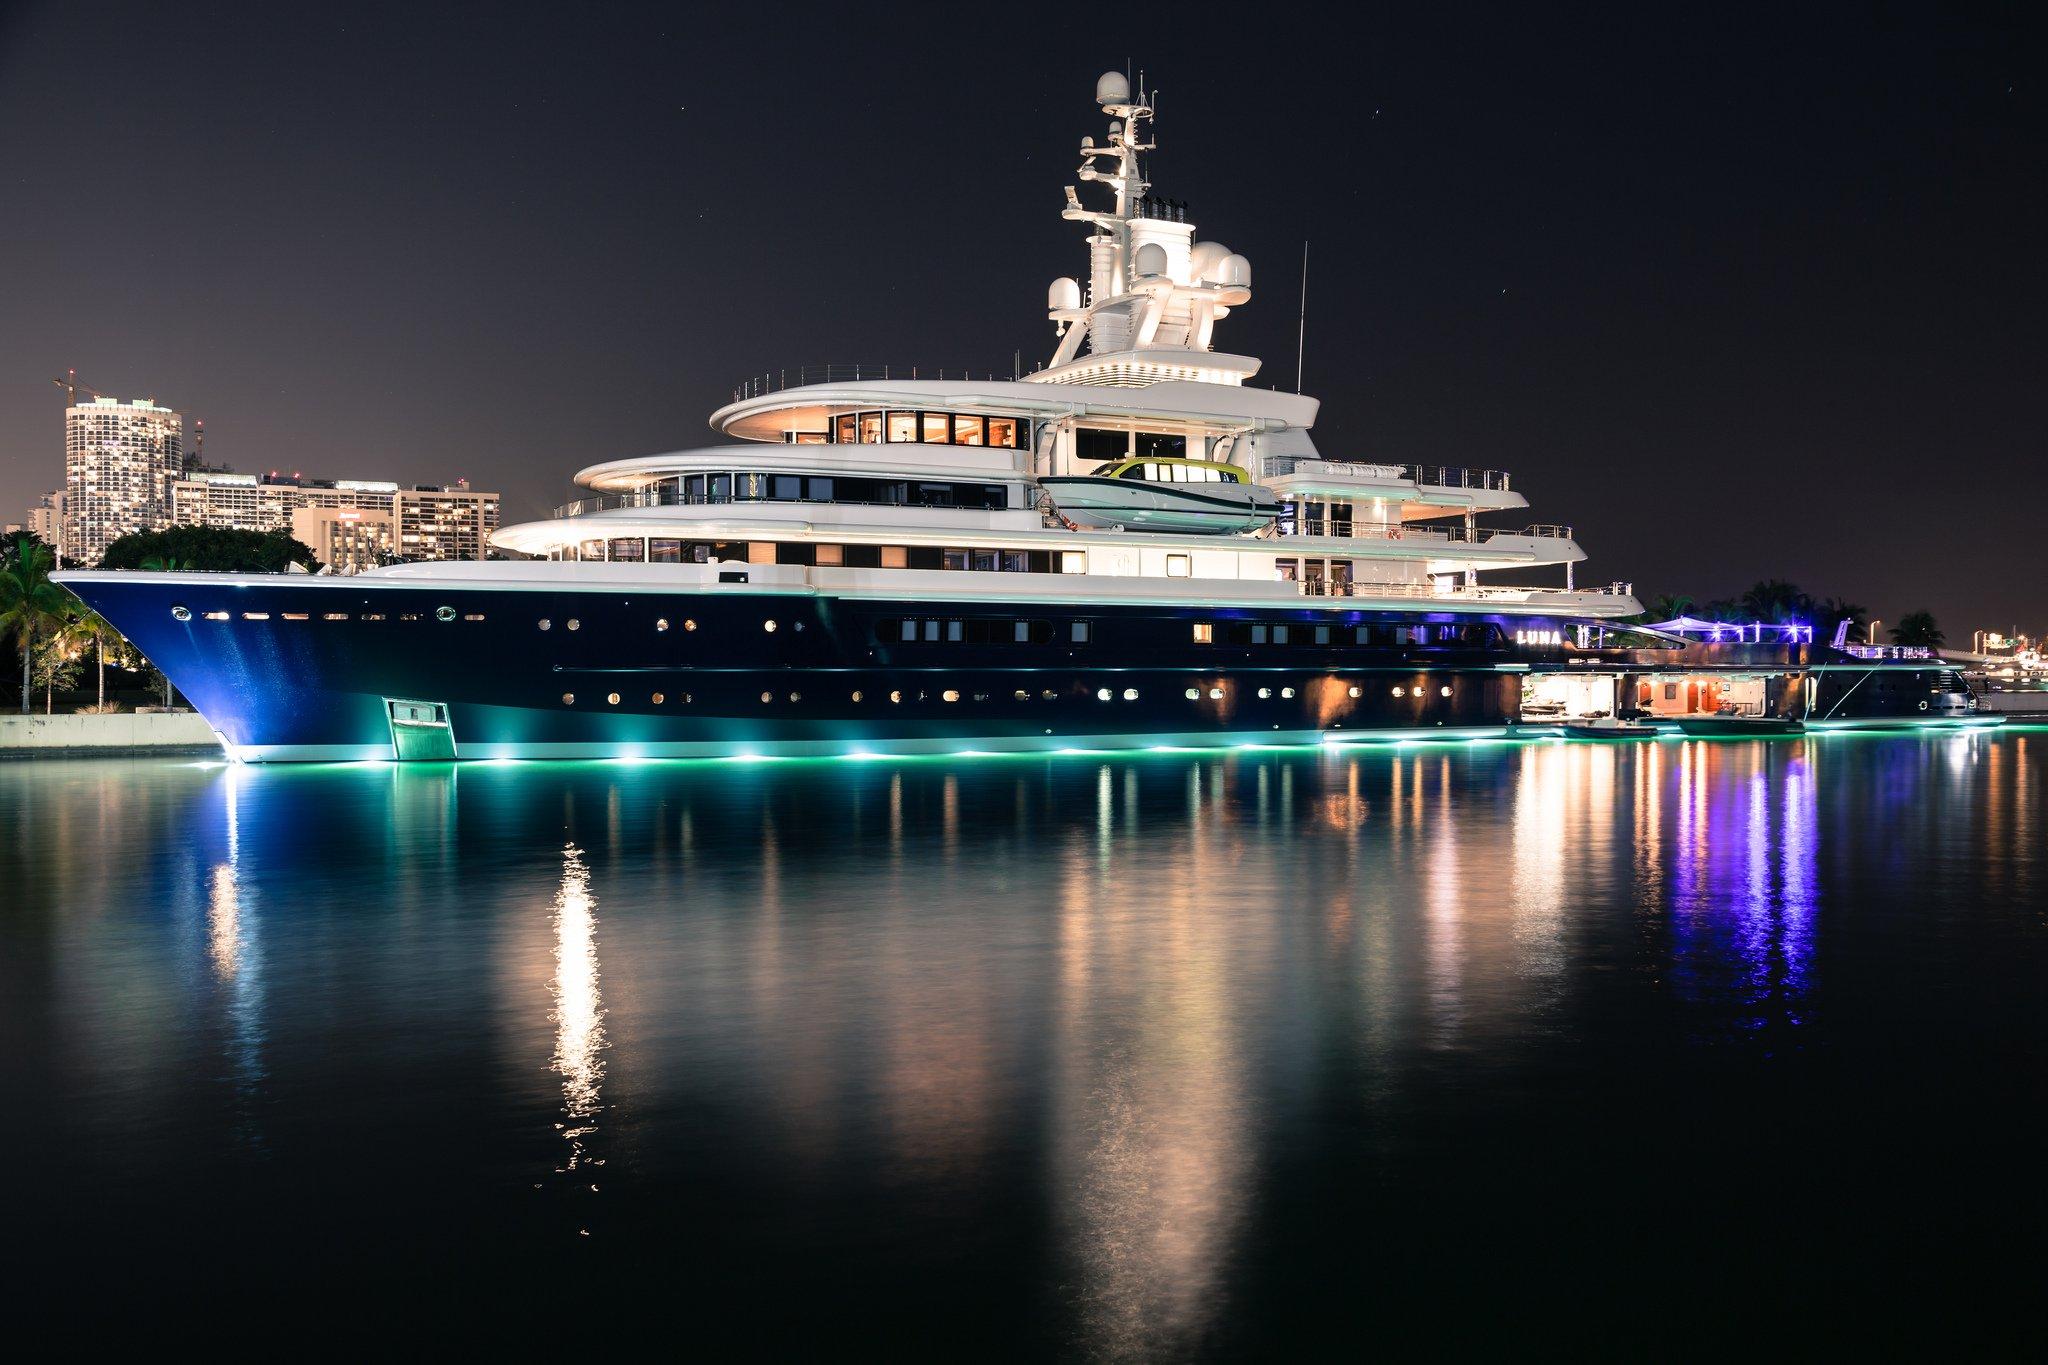 Luna yacht – 115m – Lloyd Werft - Farkhad Akhmedov